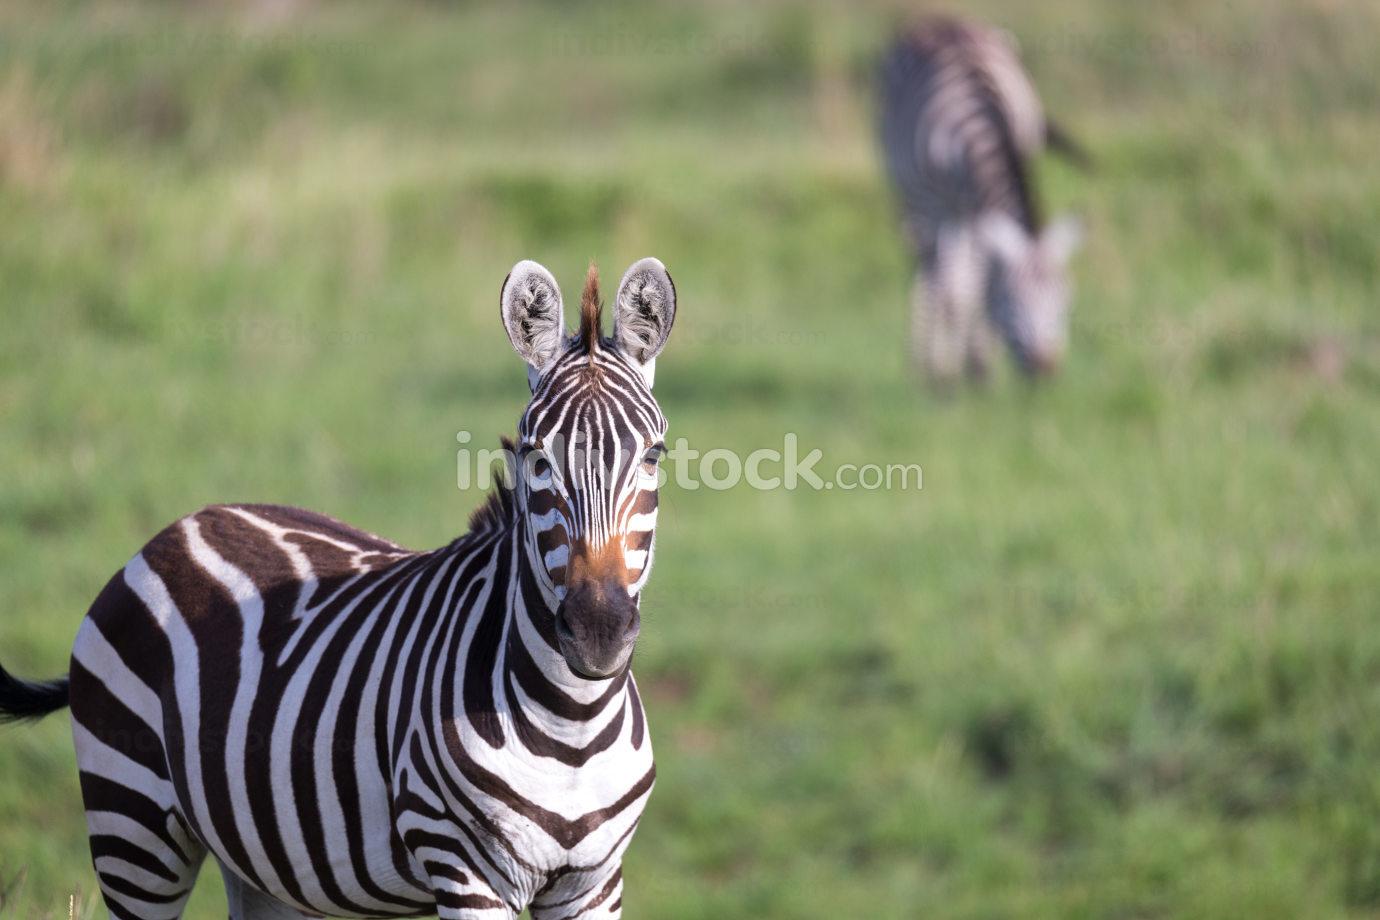 A closeup of a zebra in a national park